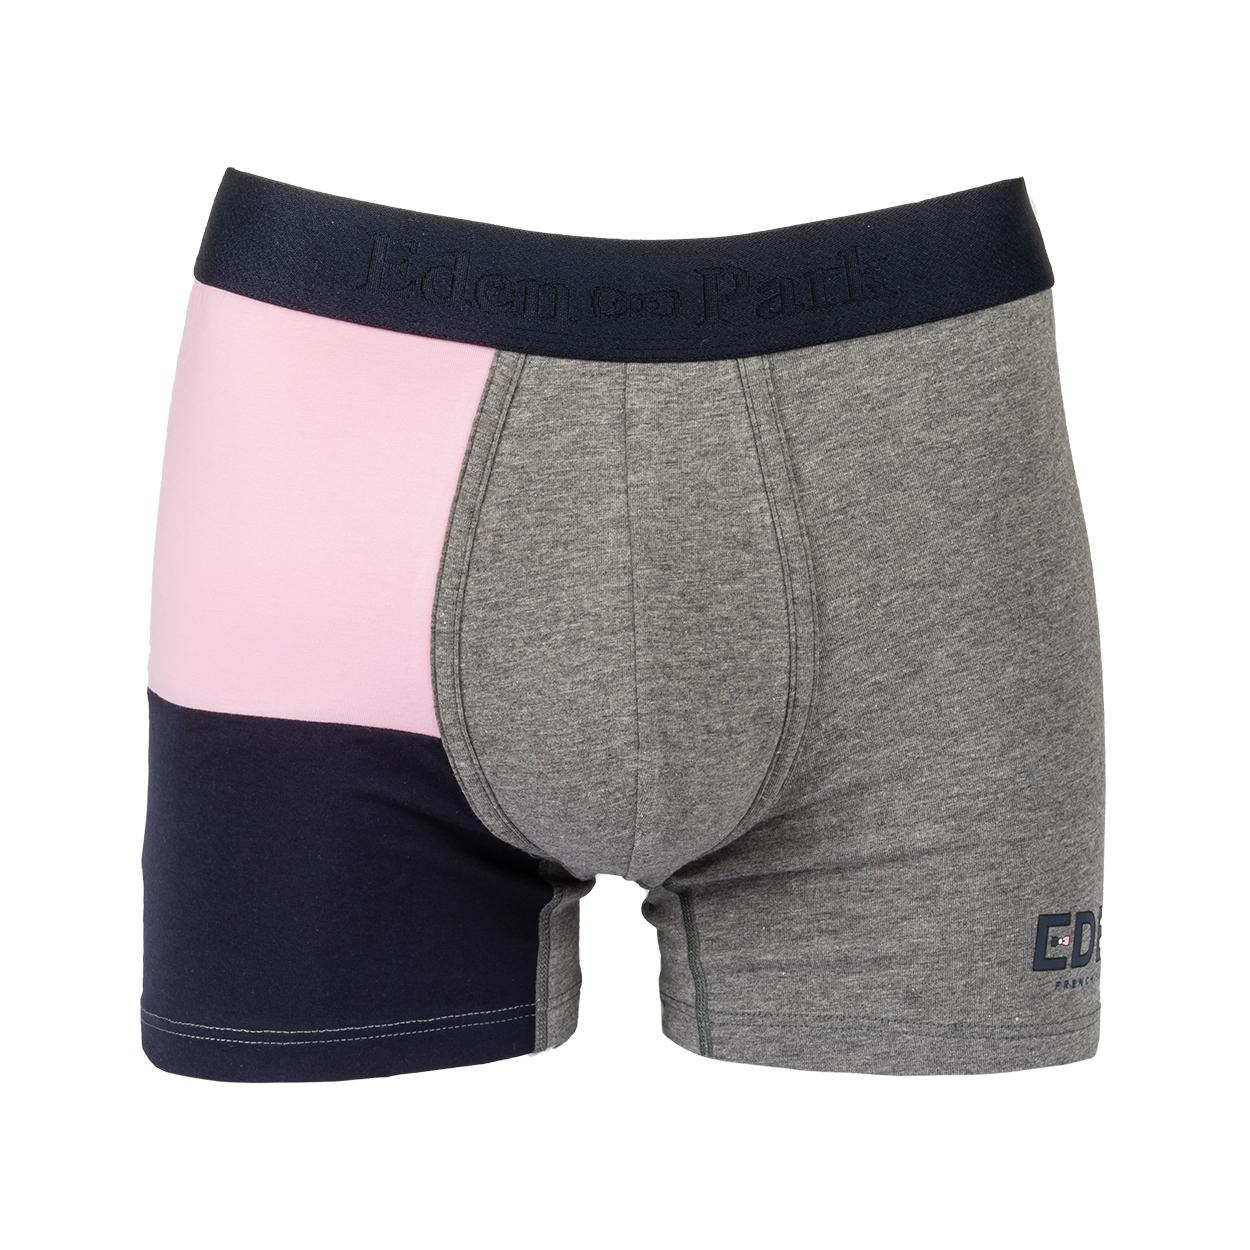 Boxer eden park en coton stretch gris à bandes bleu marine et rose